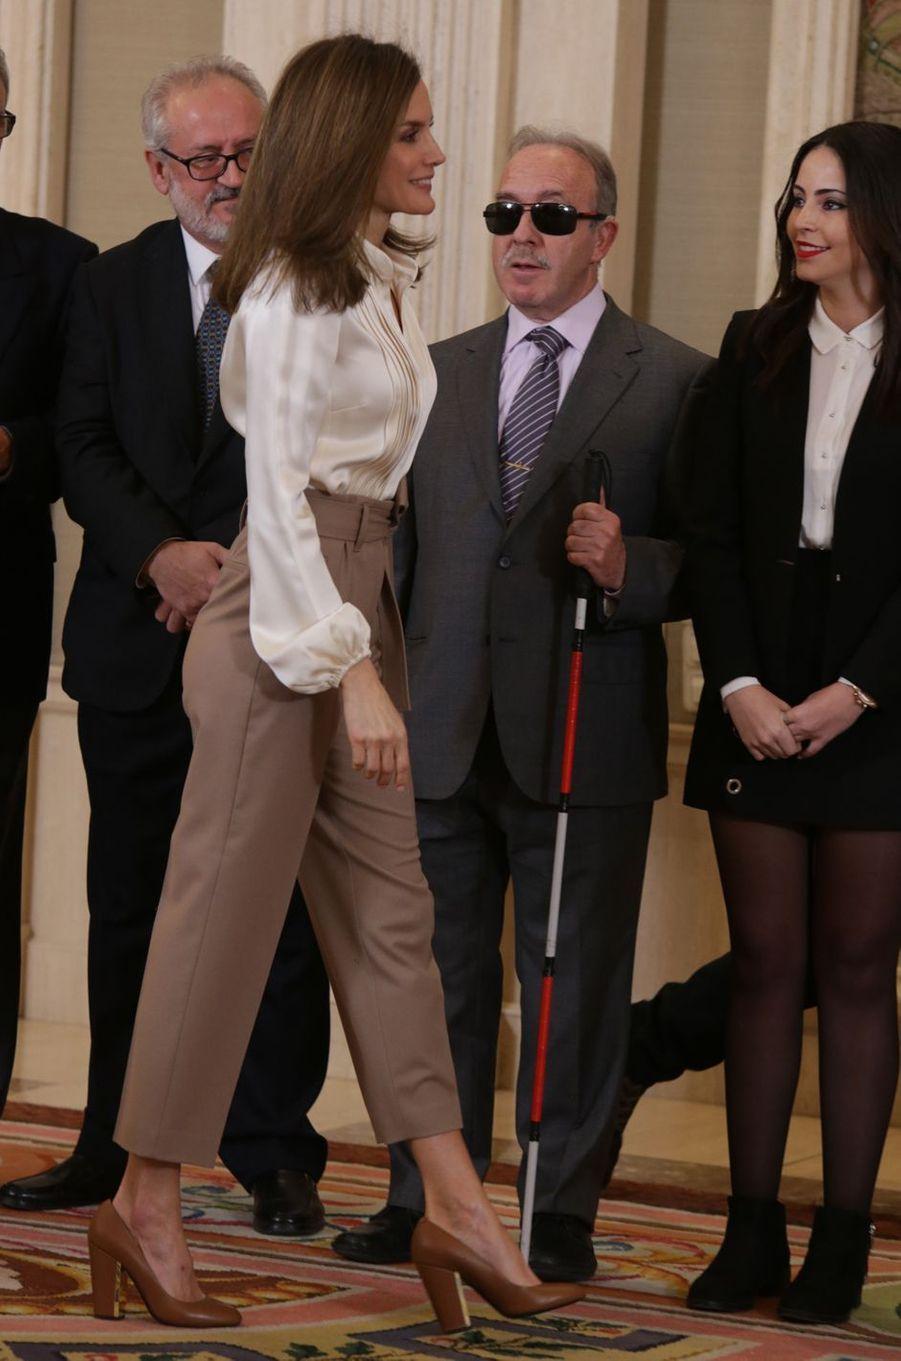 La reine Letizia d'Espagne à Madrid, le 23 janvier 2018